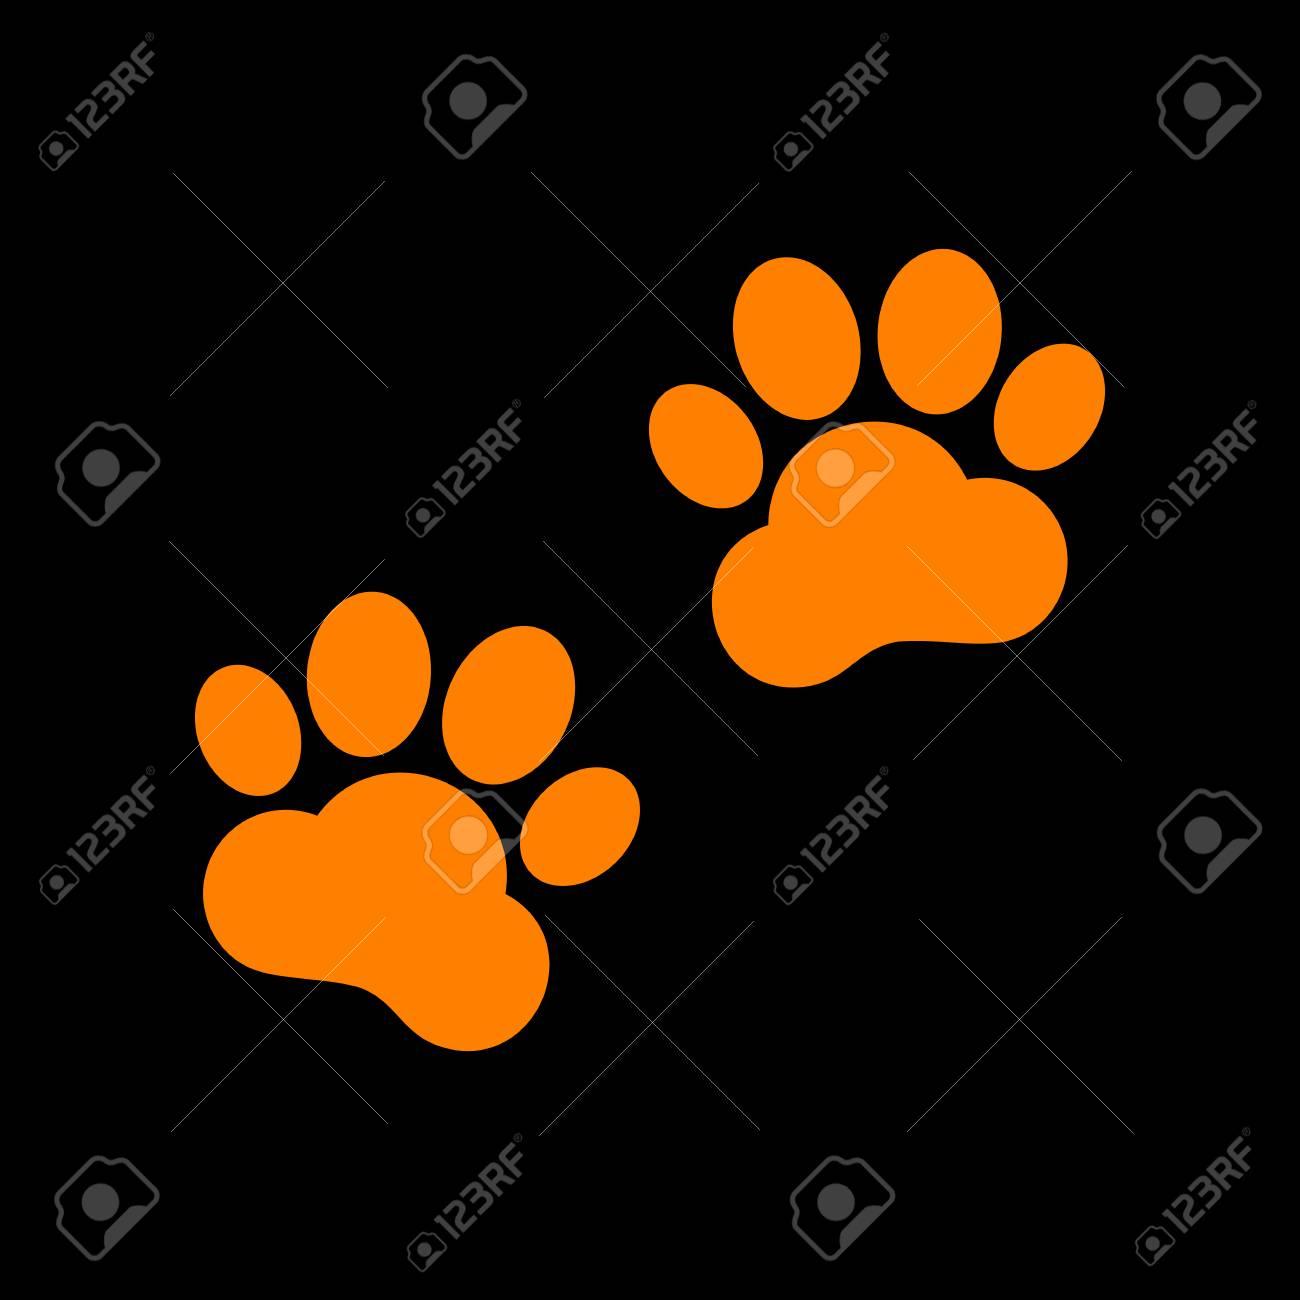 Animal Tracks sign. Orange icon on black background. Old phosphor monitor. CRT. - 73034978